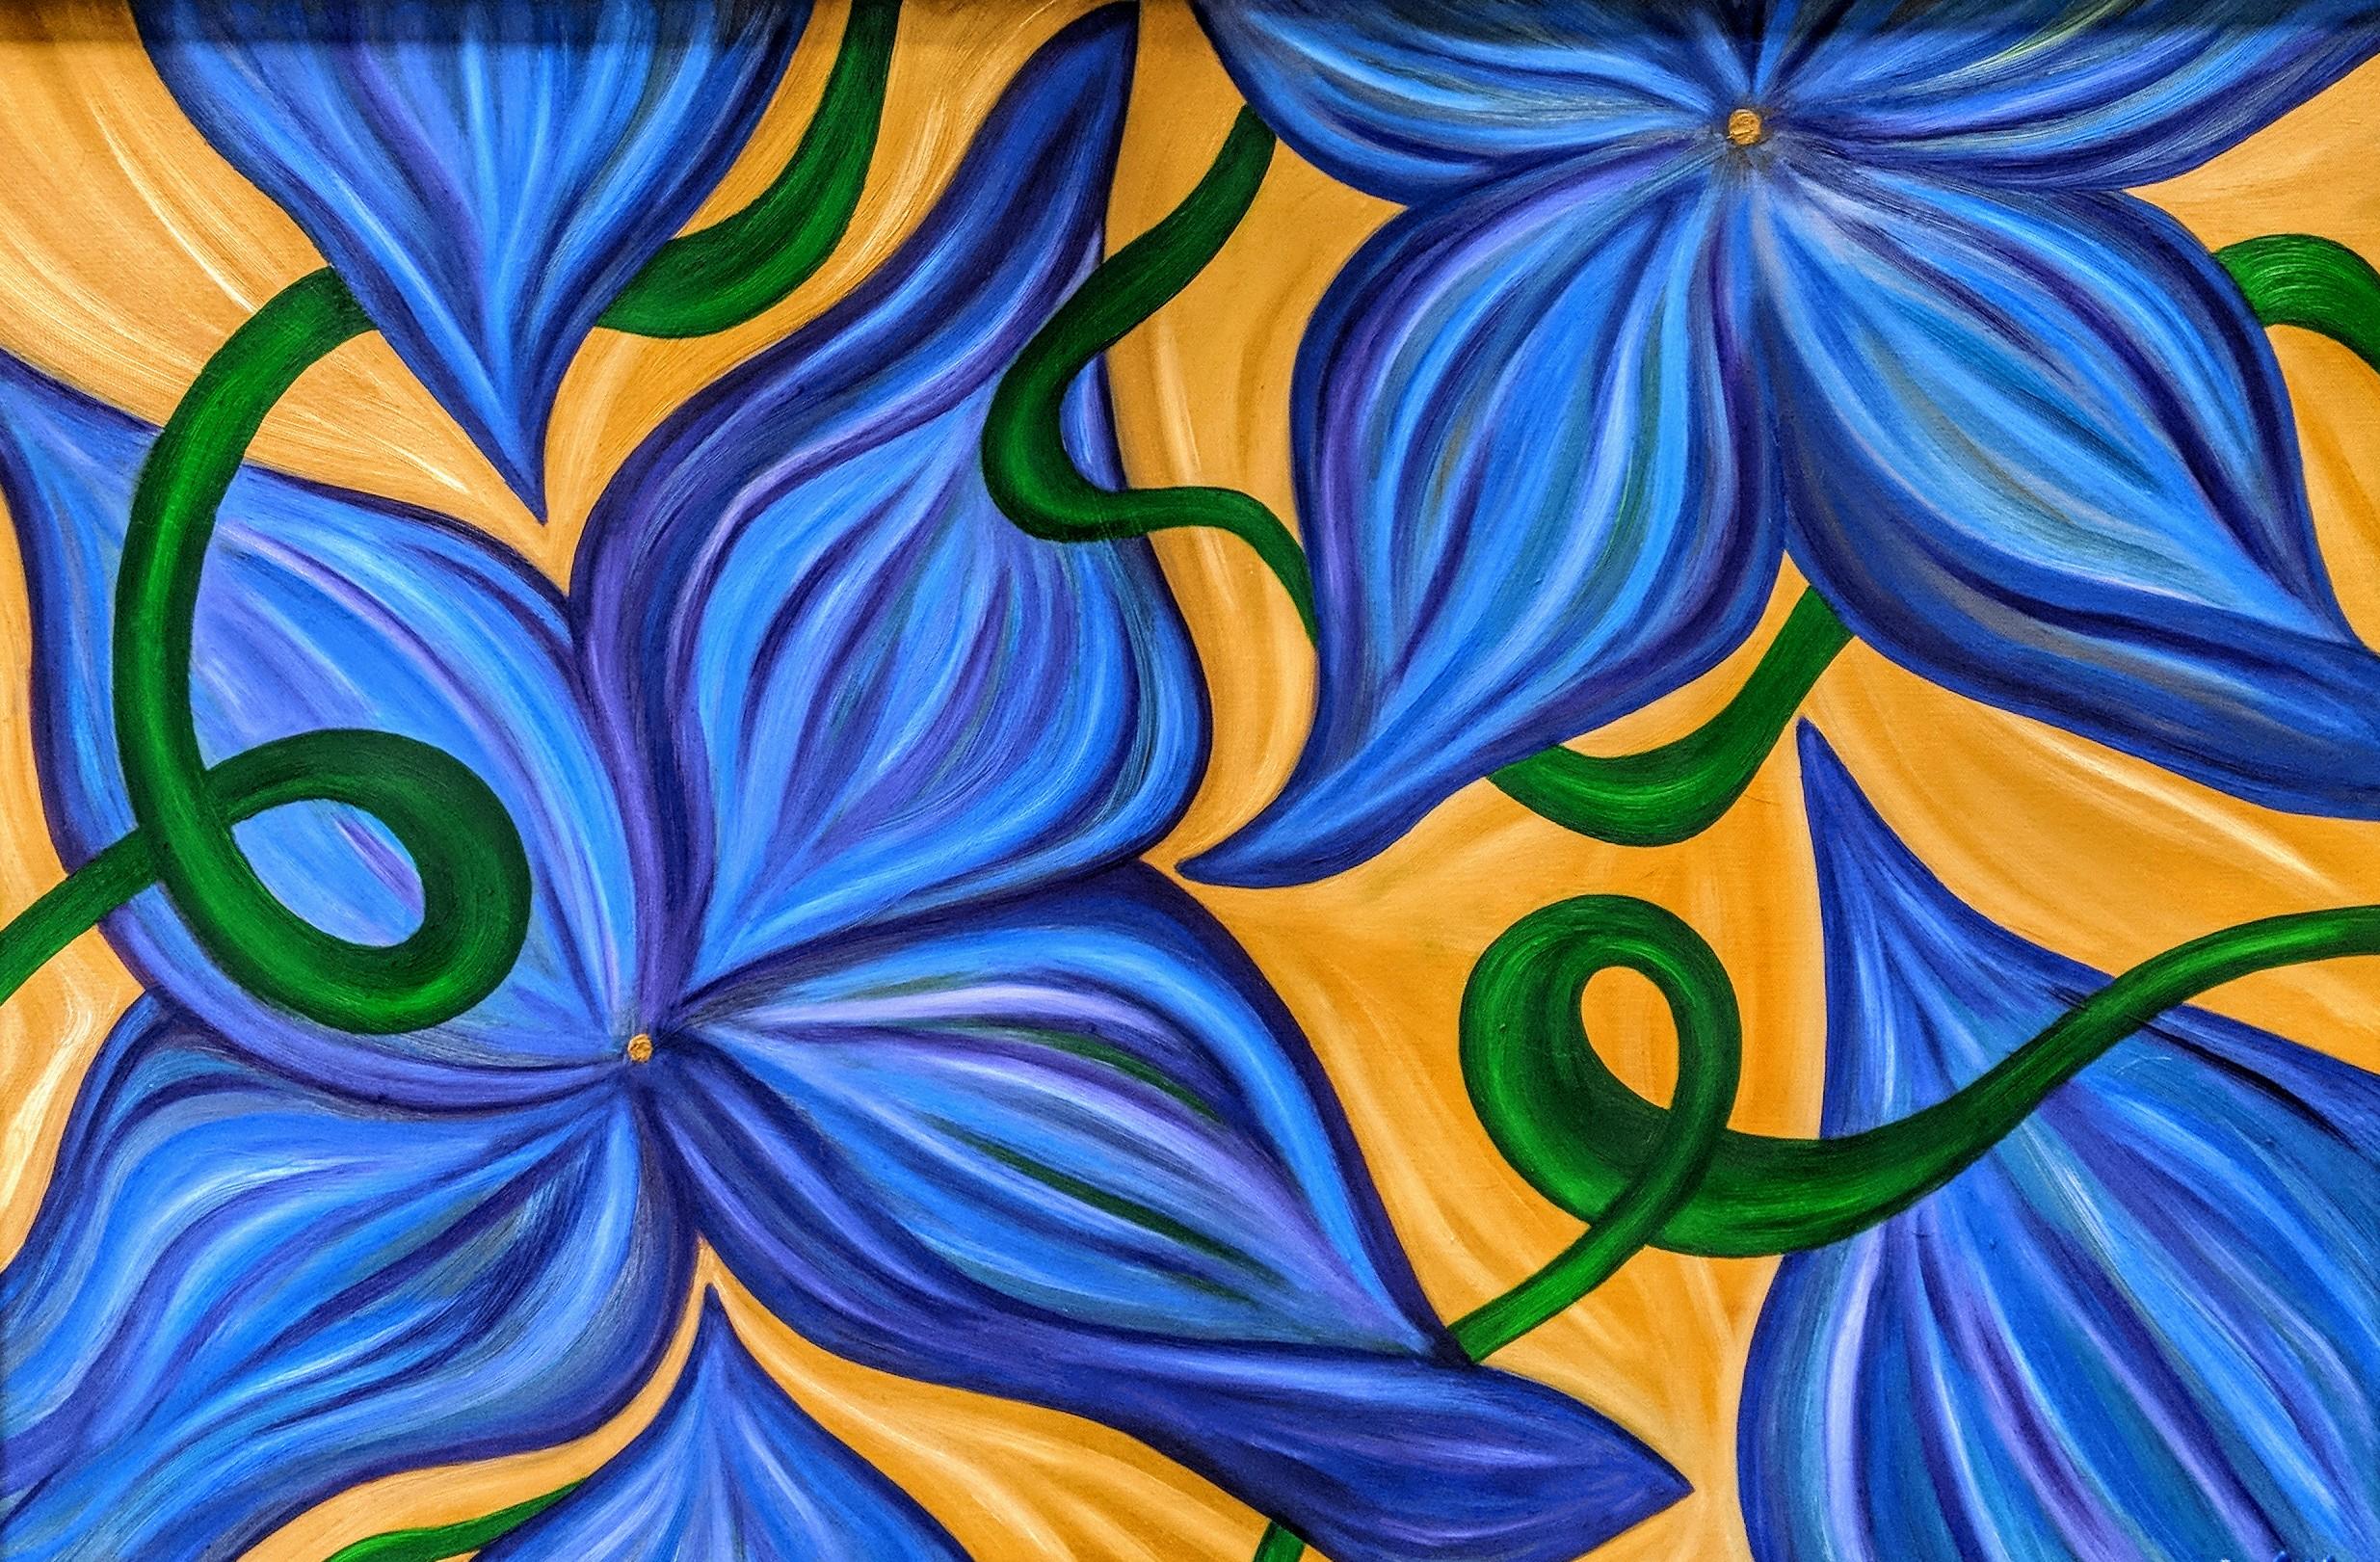 Flowy Flowers